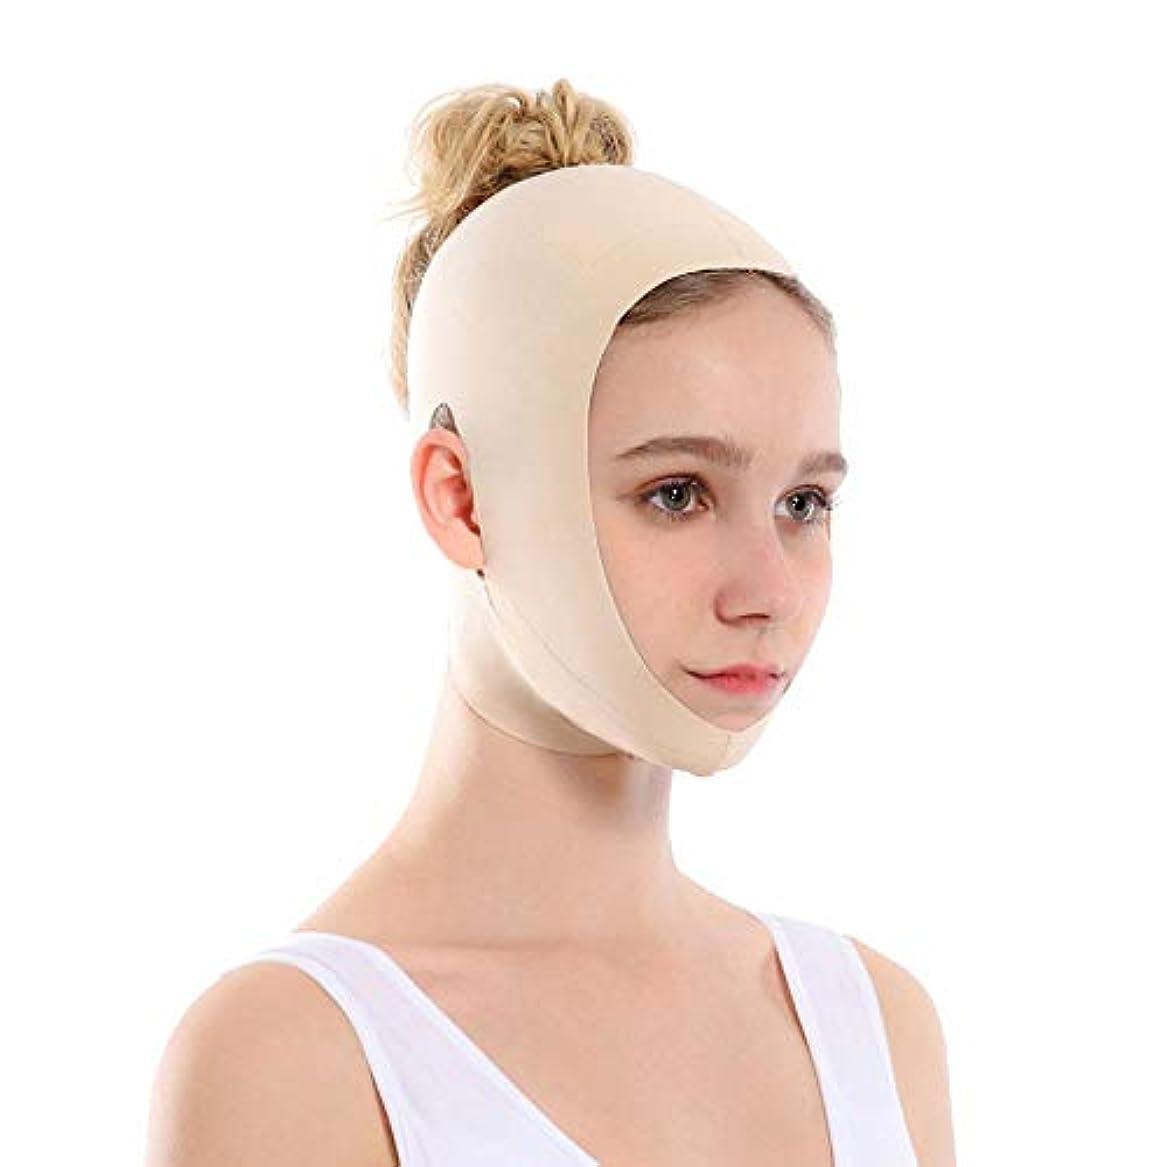 とらえどころのないマザーランドミキサー顔を持ち上げるアーティファクトVフェイス包帯リフティング引き締め睡眠薄い顔を整形持ち上げる顔を二重あご矯正 - 肌の色